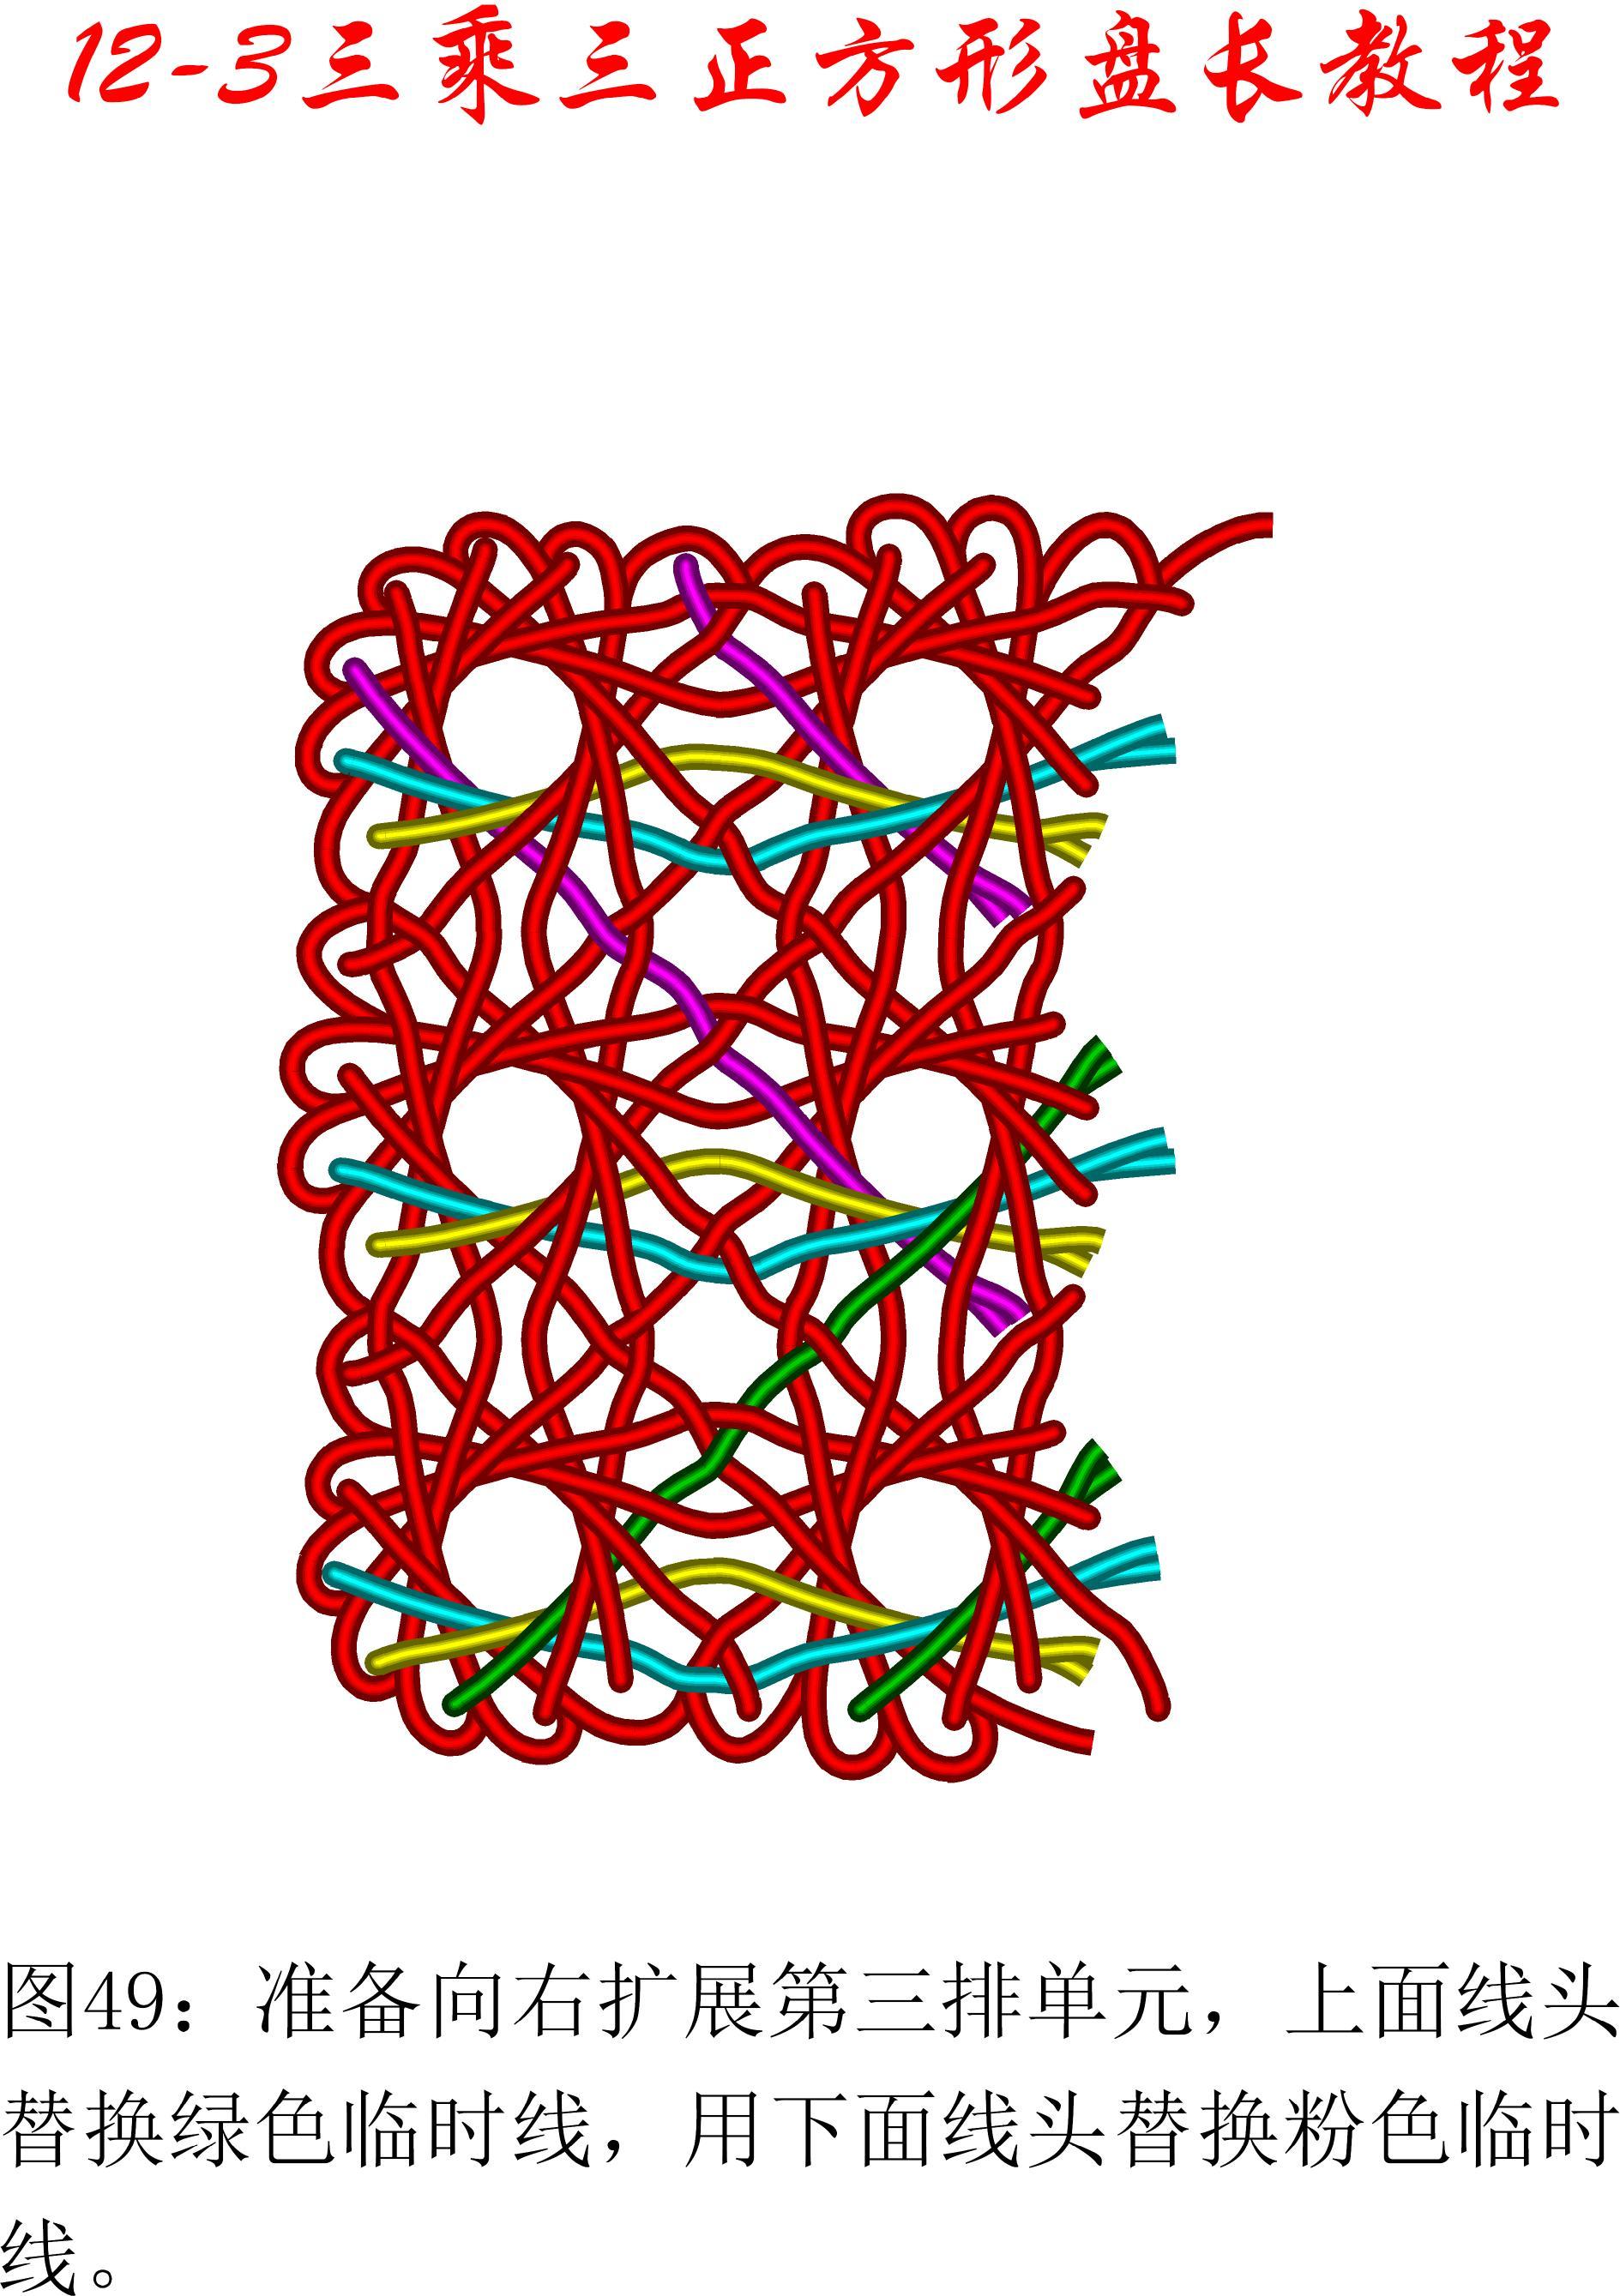 中国结论坛 12-3盘长平行扩展方法---3乘3方形盘长 方形,方形脸怎么办 丑丑徒手编结 093115y8tsr7ayz9l37tys